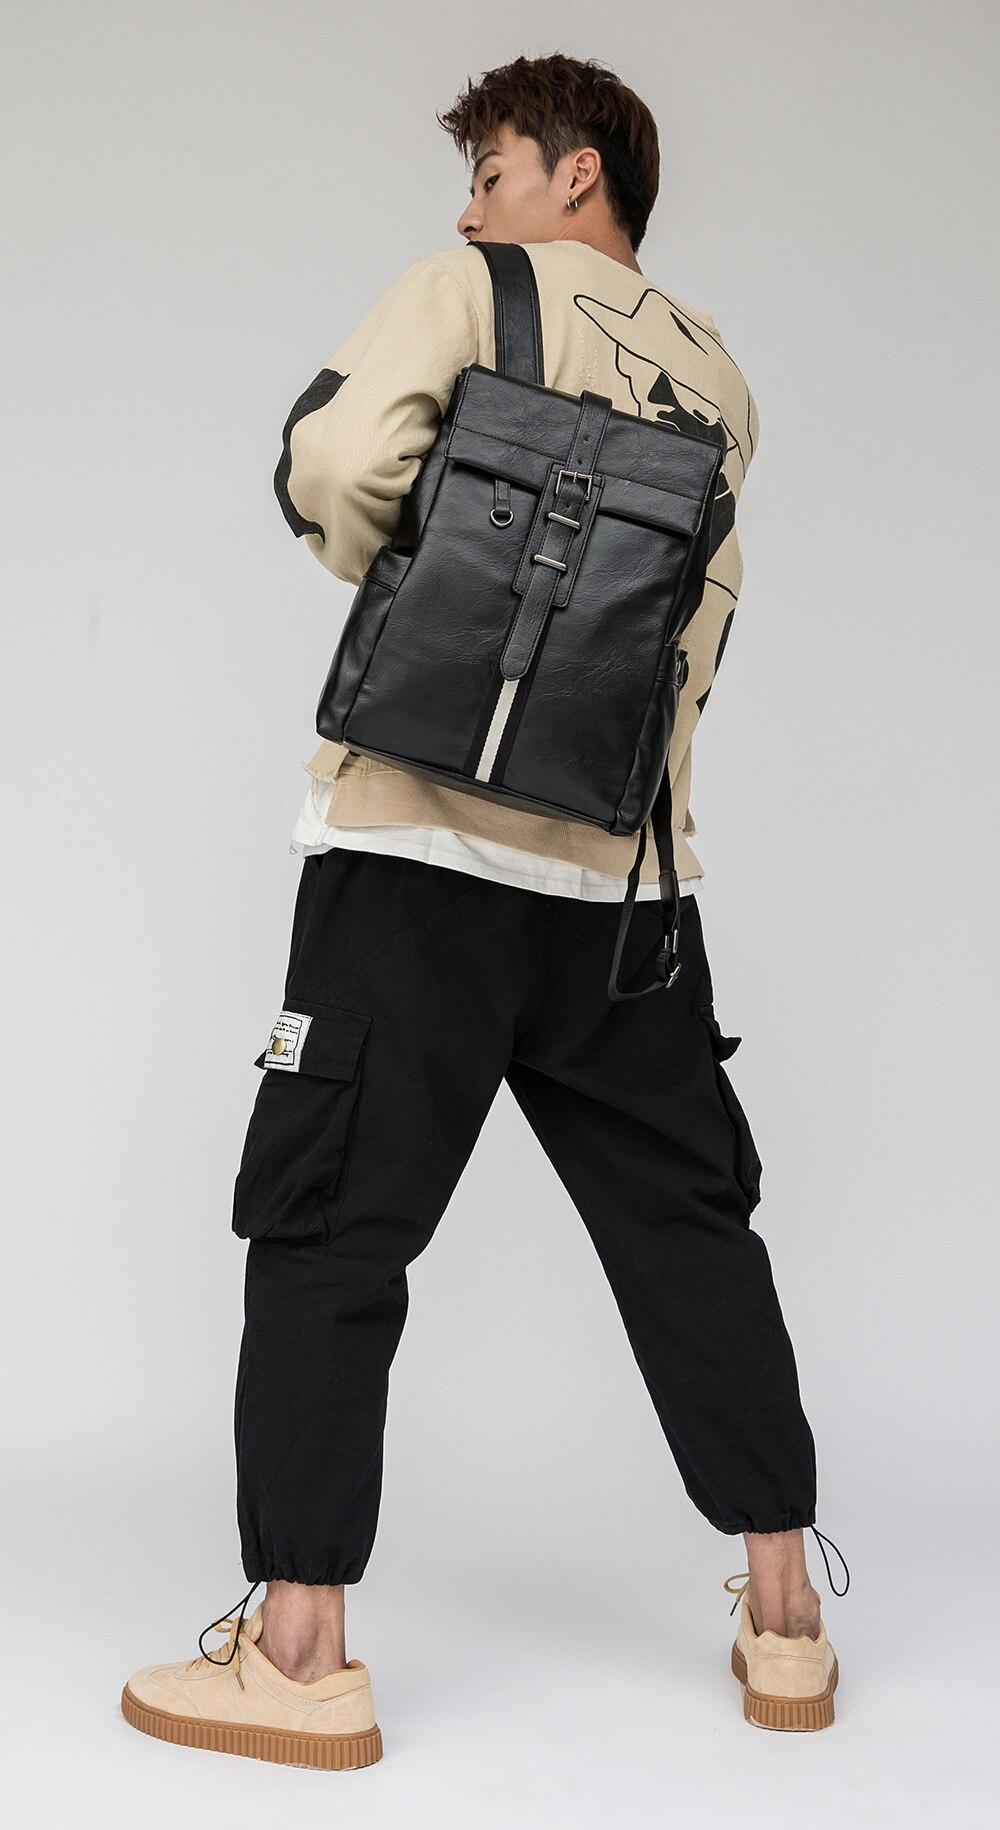 de grande capacidade superfície macia moda casual mochila masculina